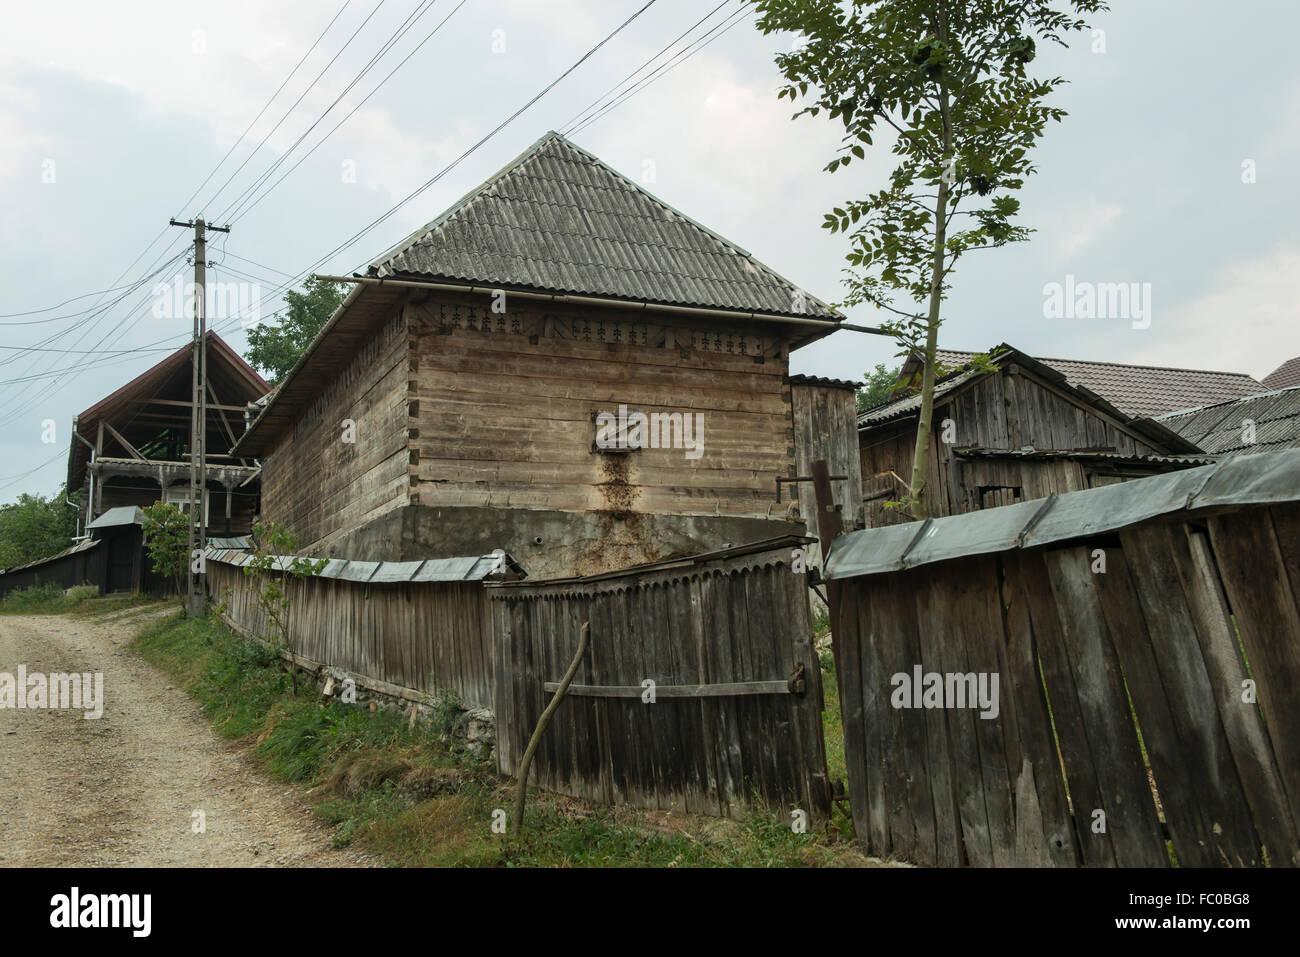 Rural romania village stock photos rural romania village for Case in legno romania